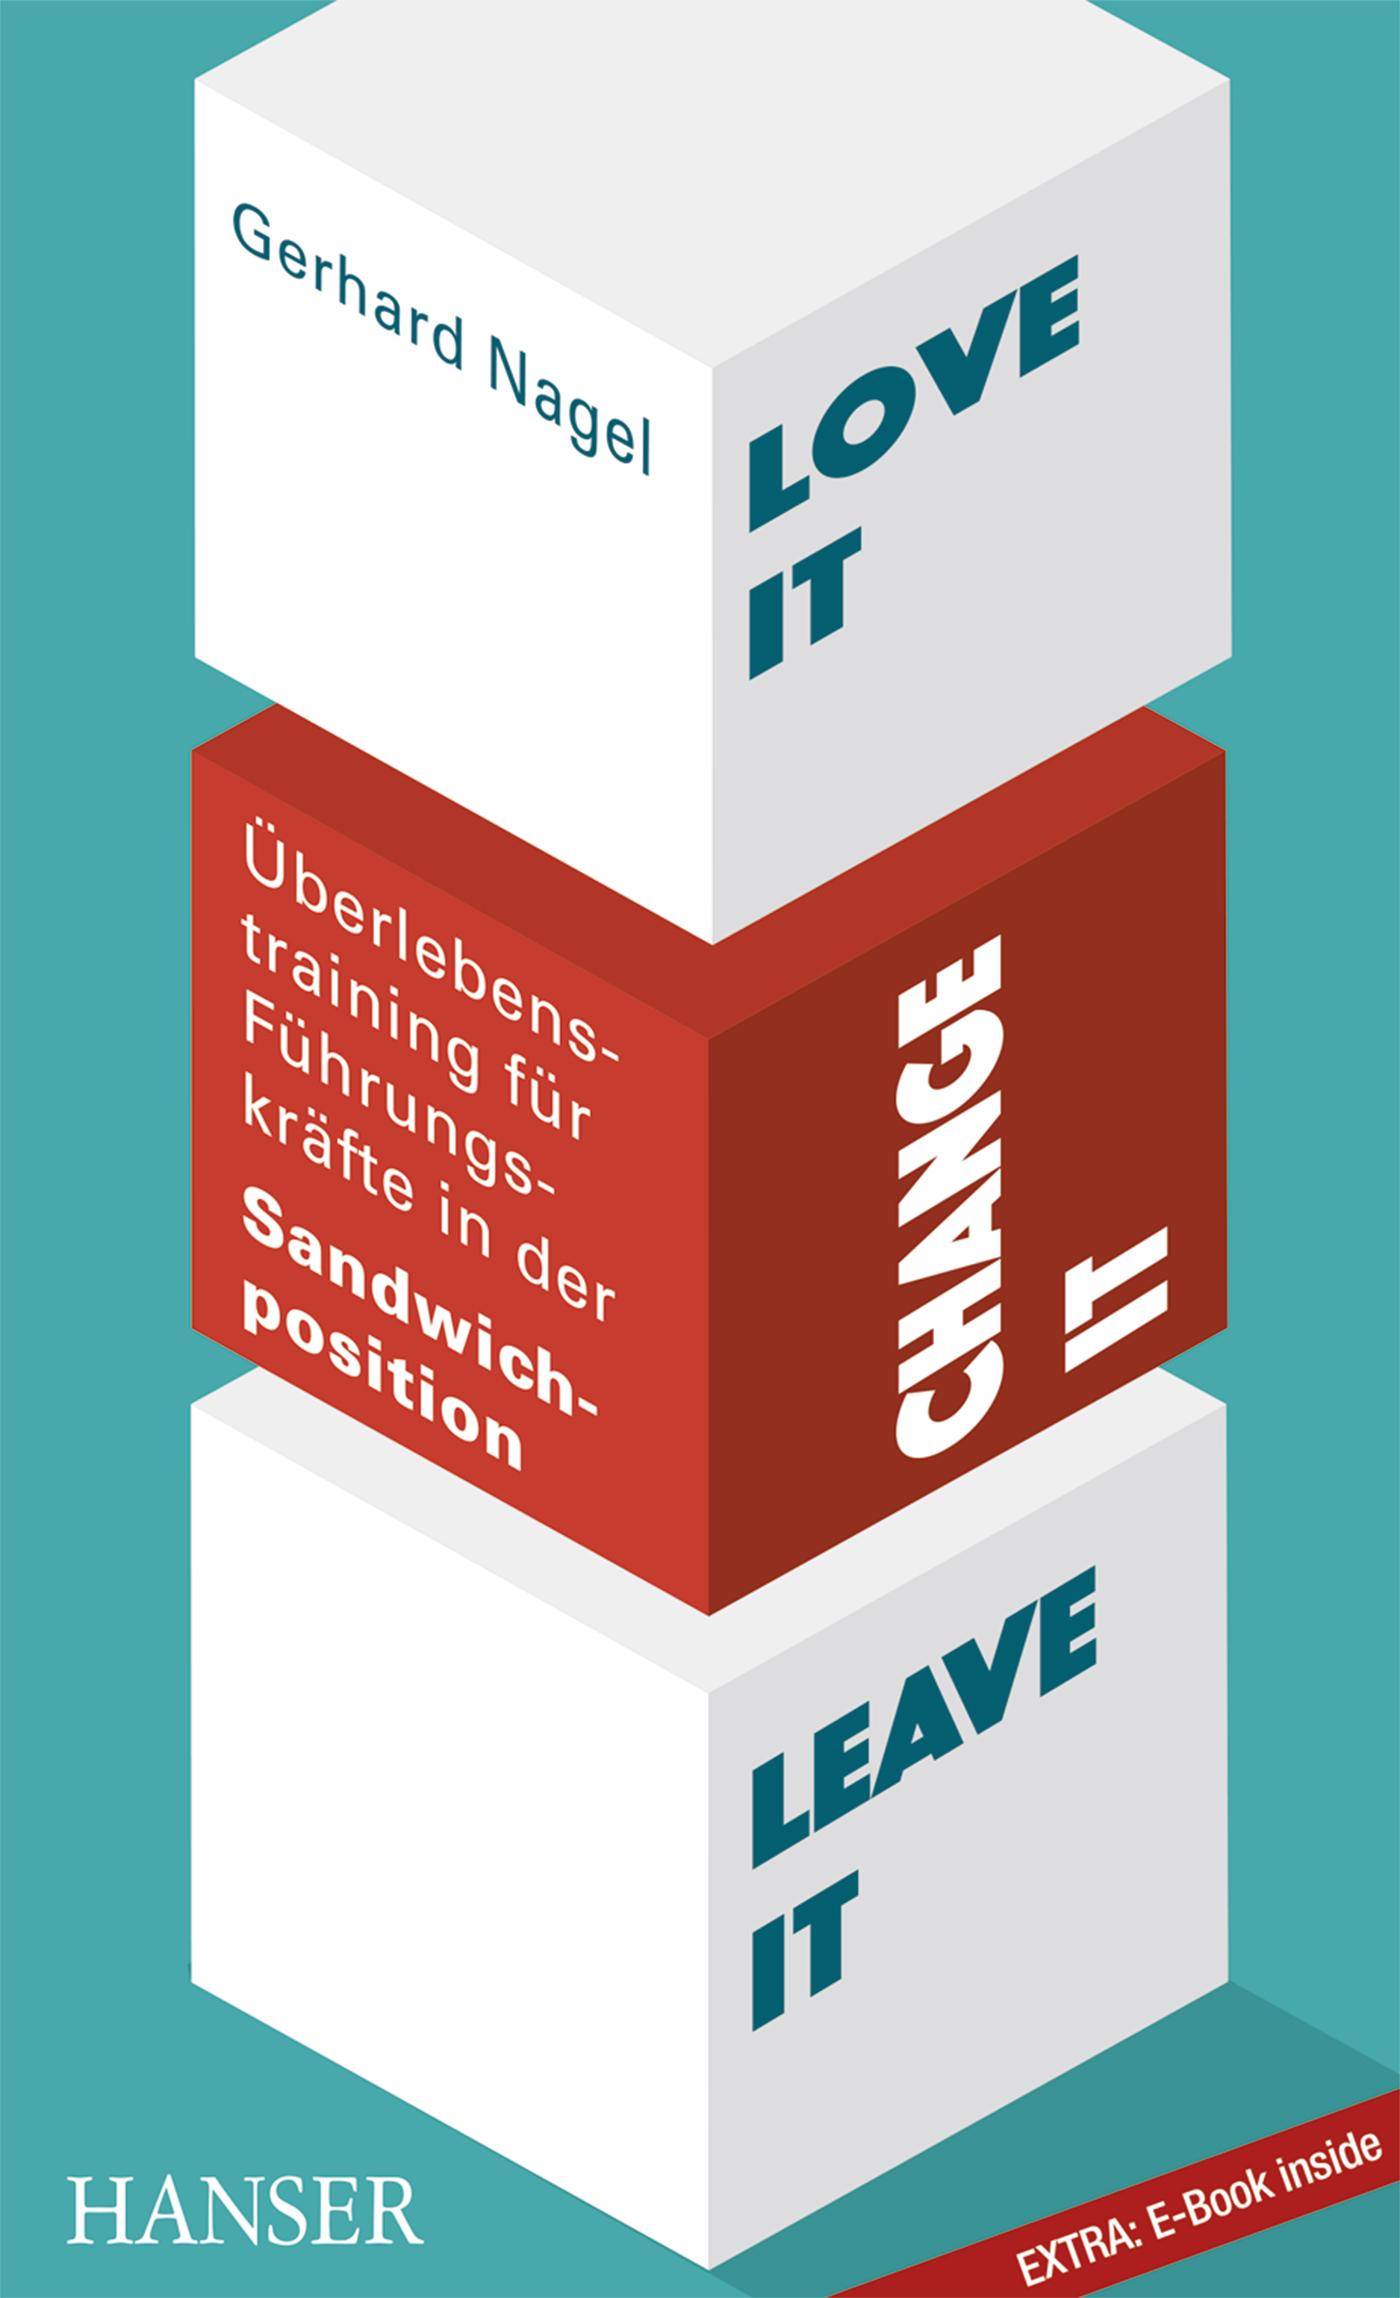 Nagel, Love it, change it or leave it - Überlebenstraining für Führungskräfte in der Sandwich-Position, 978-3-446-45131-5